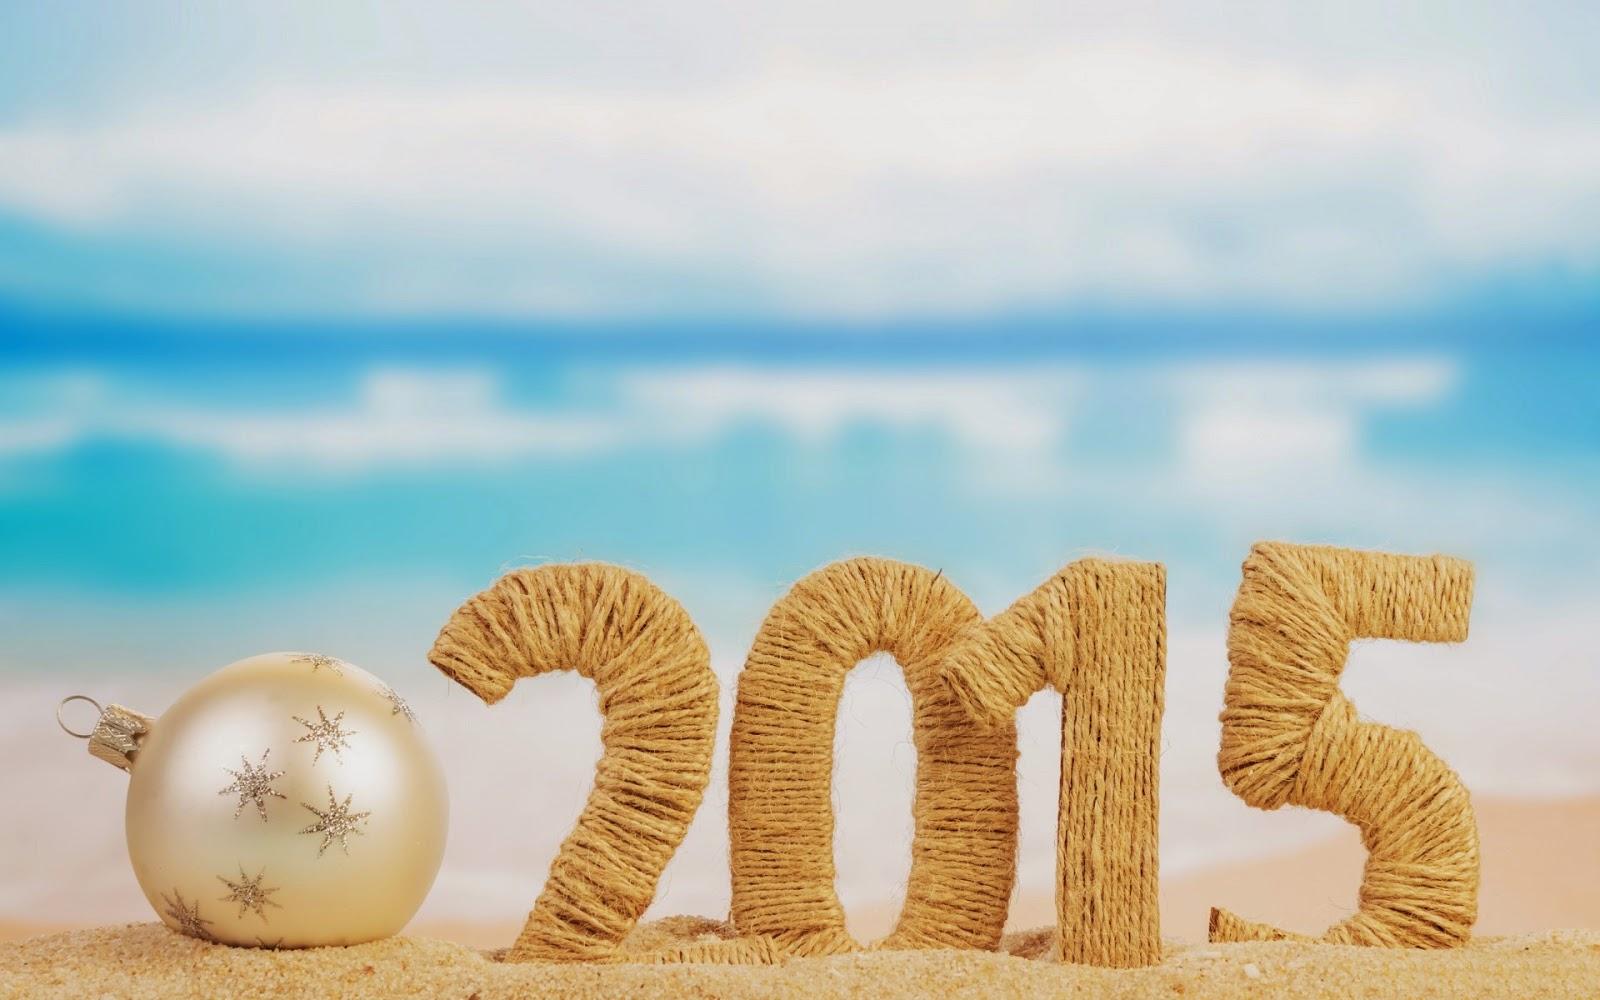 خلفيات رأس السنة 2015 ، صور احتفال بالعام الجديد Christmas 2015